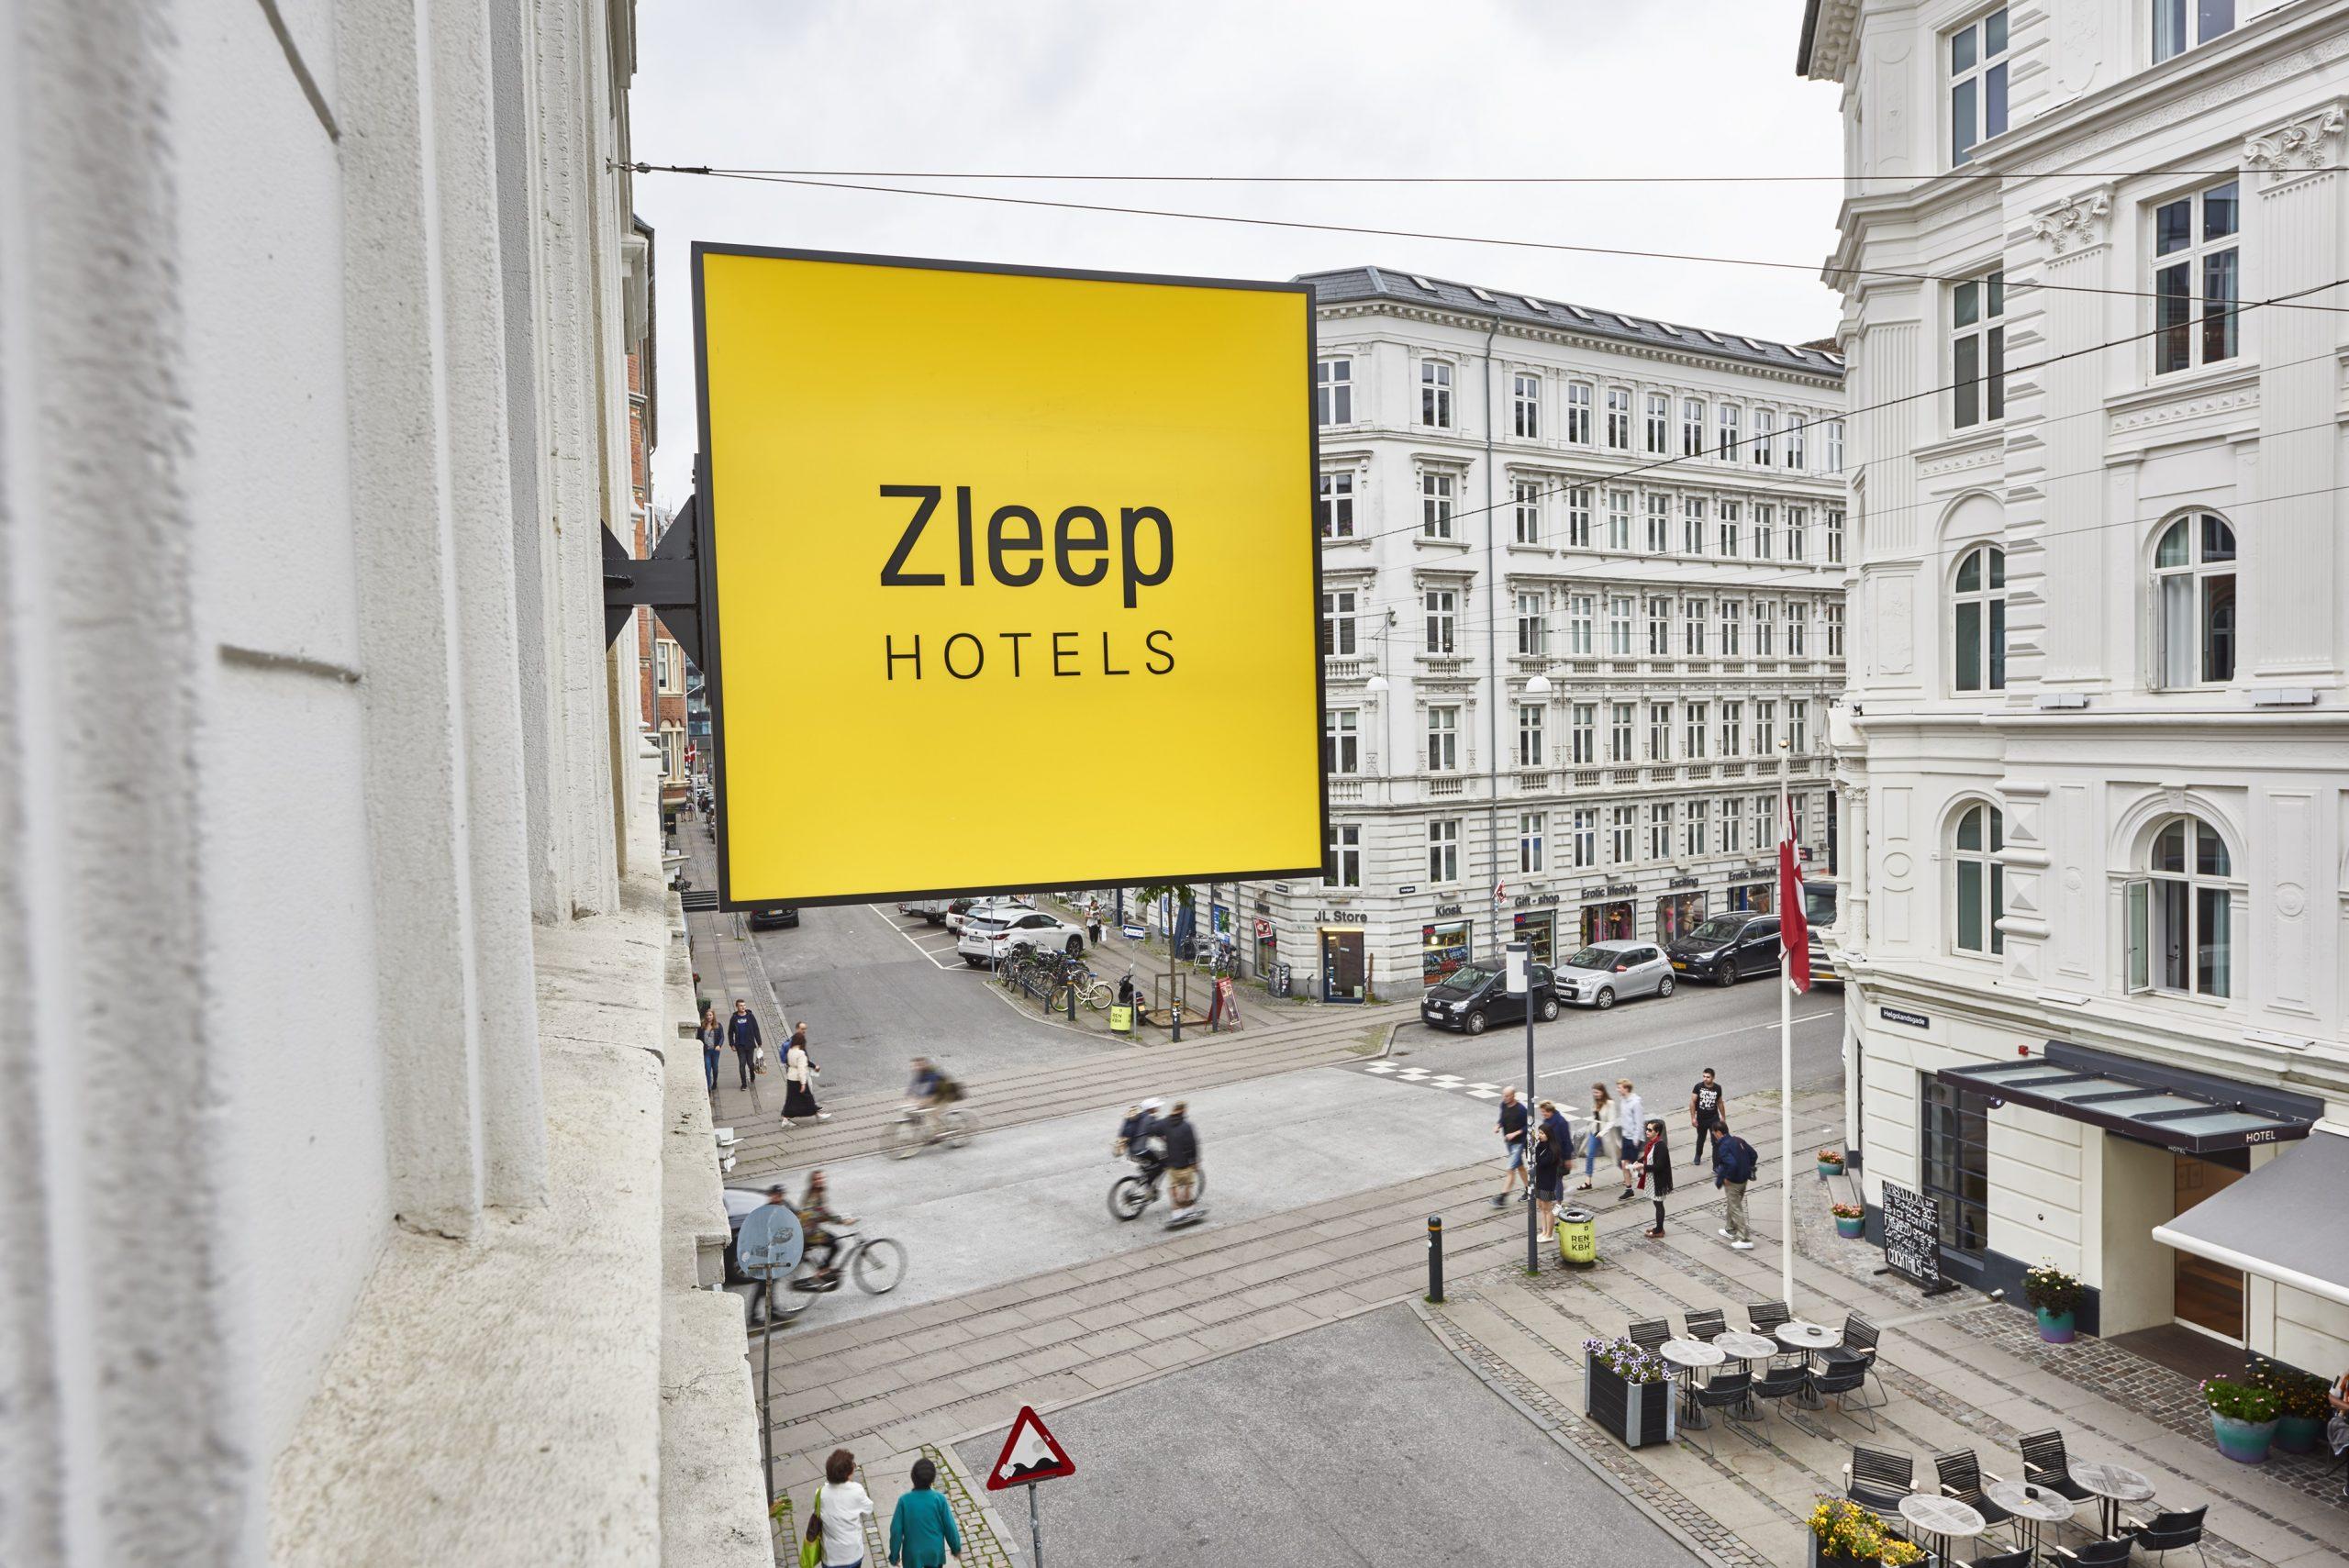 Zleep Hotels åbner for første gang syd for Danmark. Premieren udenfor Skandinavien bliver i ved Madrids hovedlufthavn, hvor åbningen lige nu siger sommeren 2021. Arkivfoto fra Zleep Hotels.